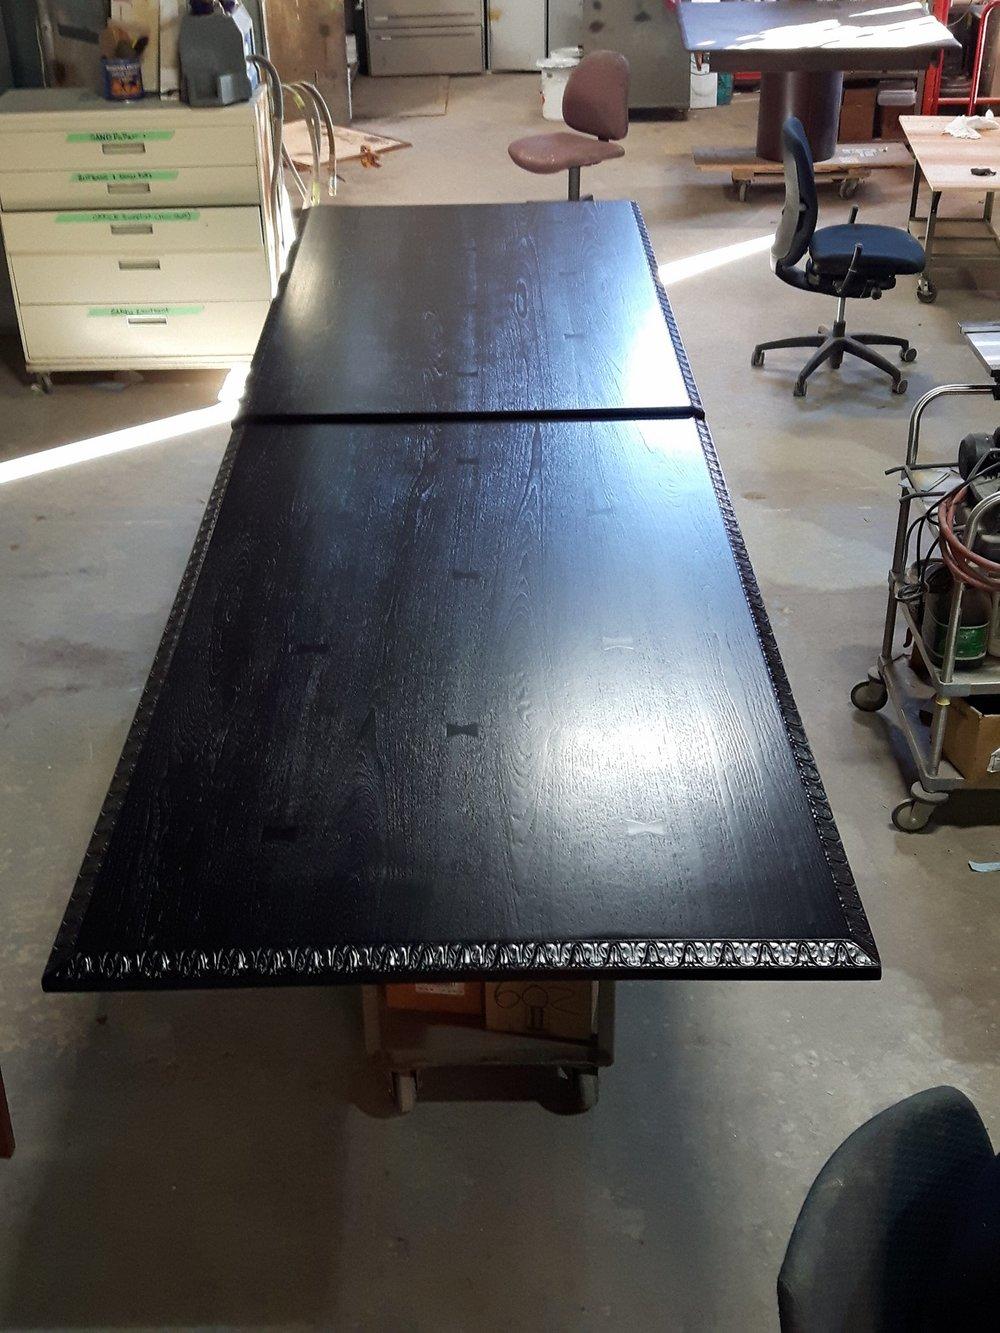 TUP ANTIQUE SOLID TEAK TABLE AFTER REFINISHED.jpg